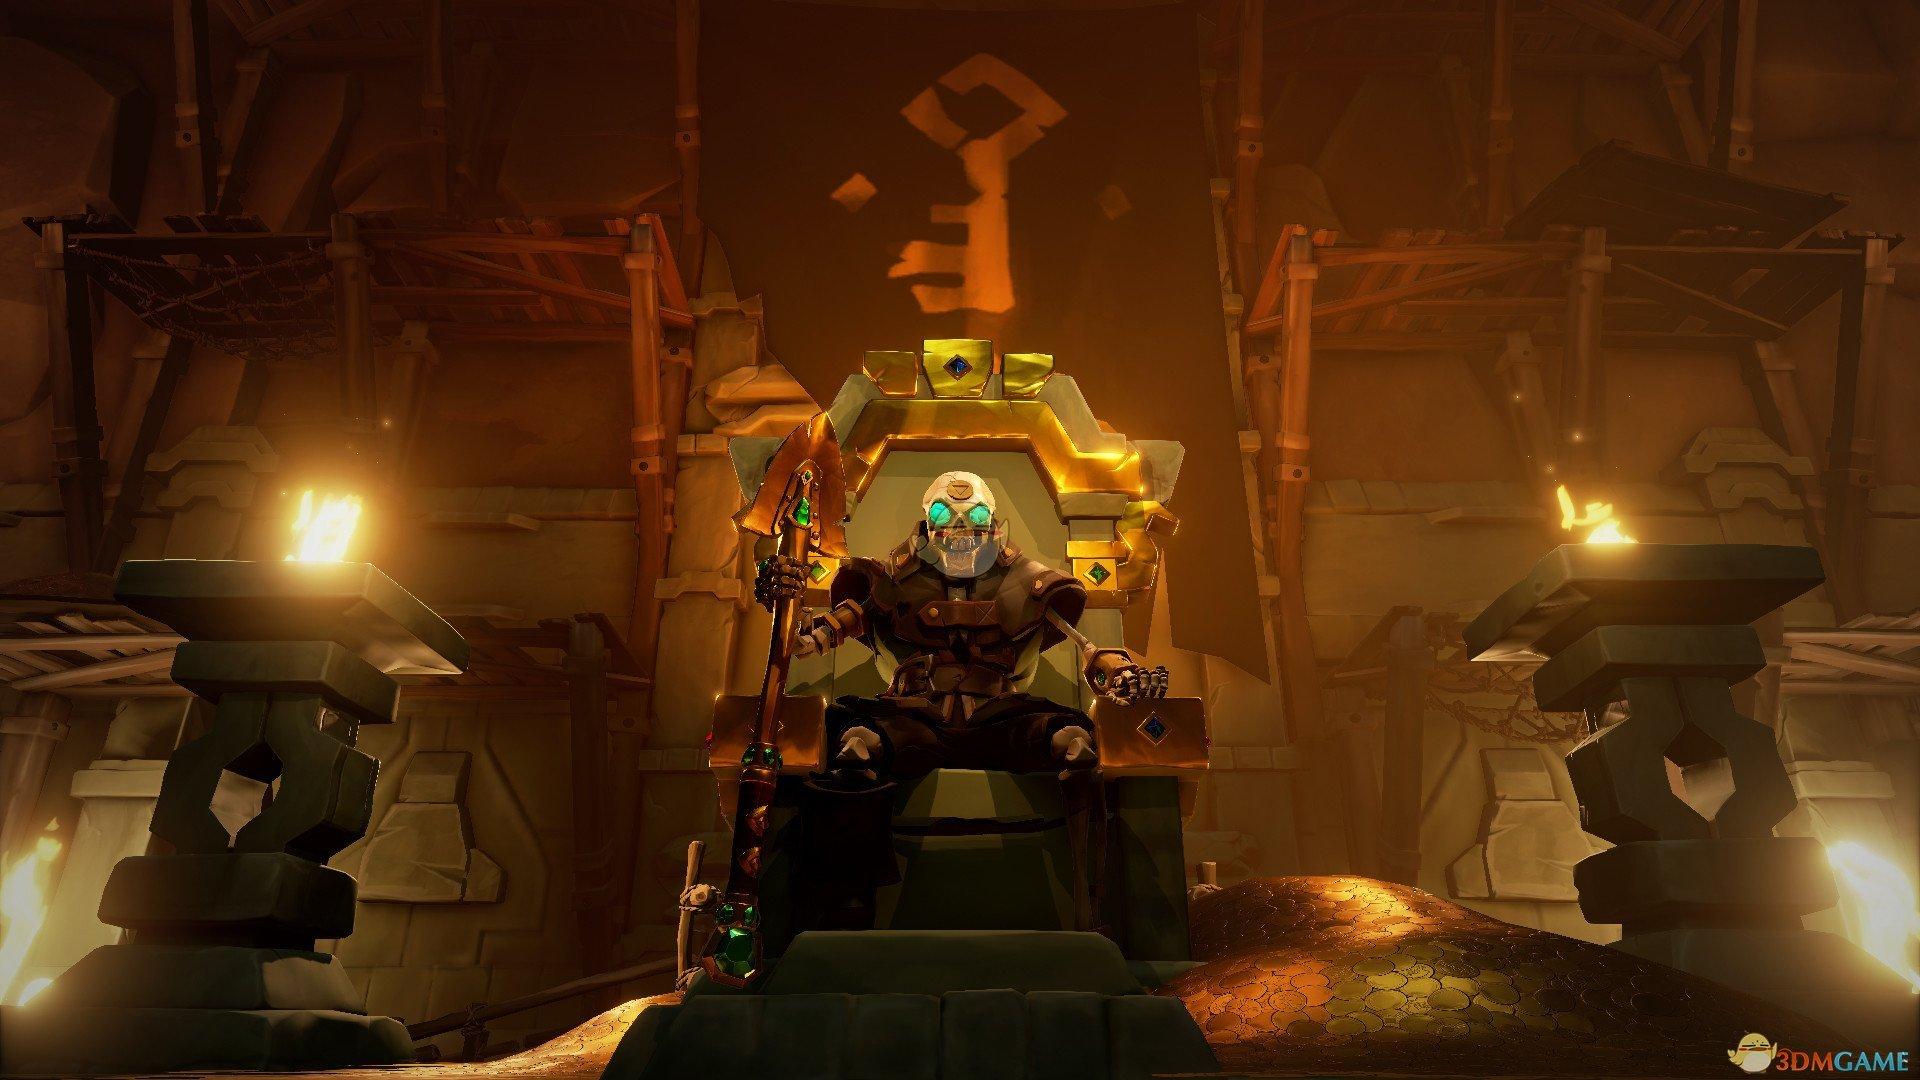 《盜賊之海》新版本幽靈船打法分享(攻略)| 電玩狂人